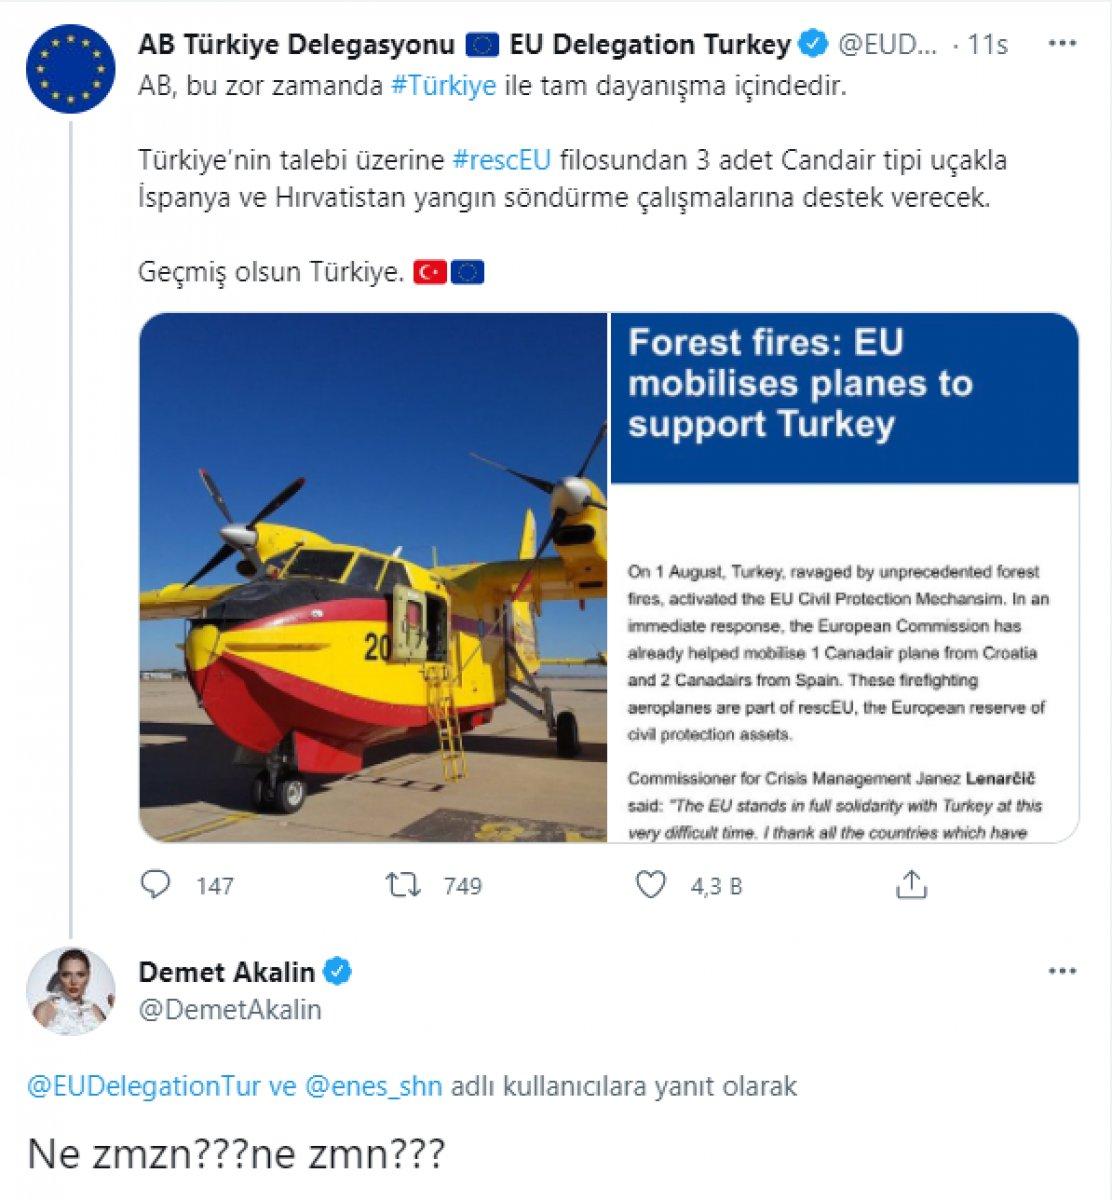 AB Türkiye Delegasyonu, Demet Akalın ın sorusunu cevapsız bırakmadı #3